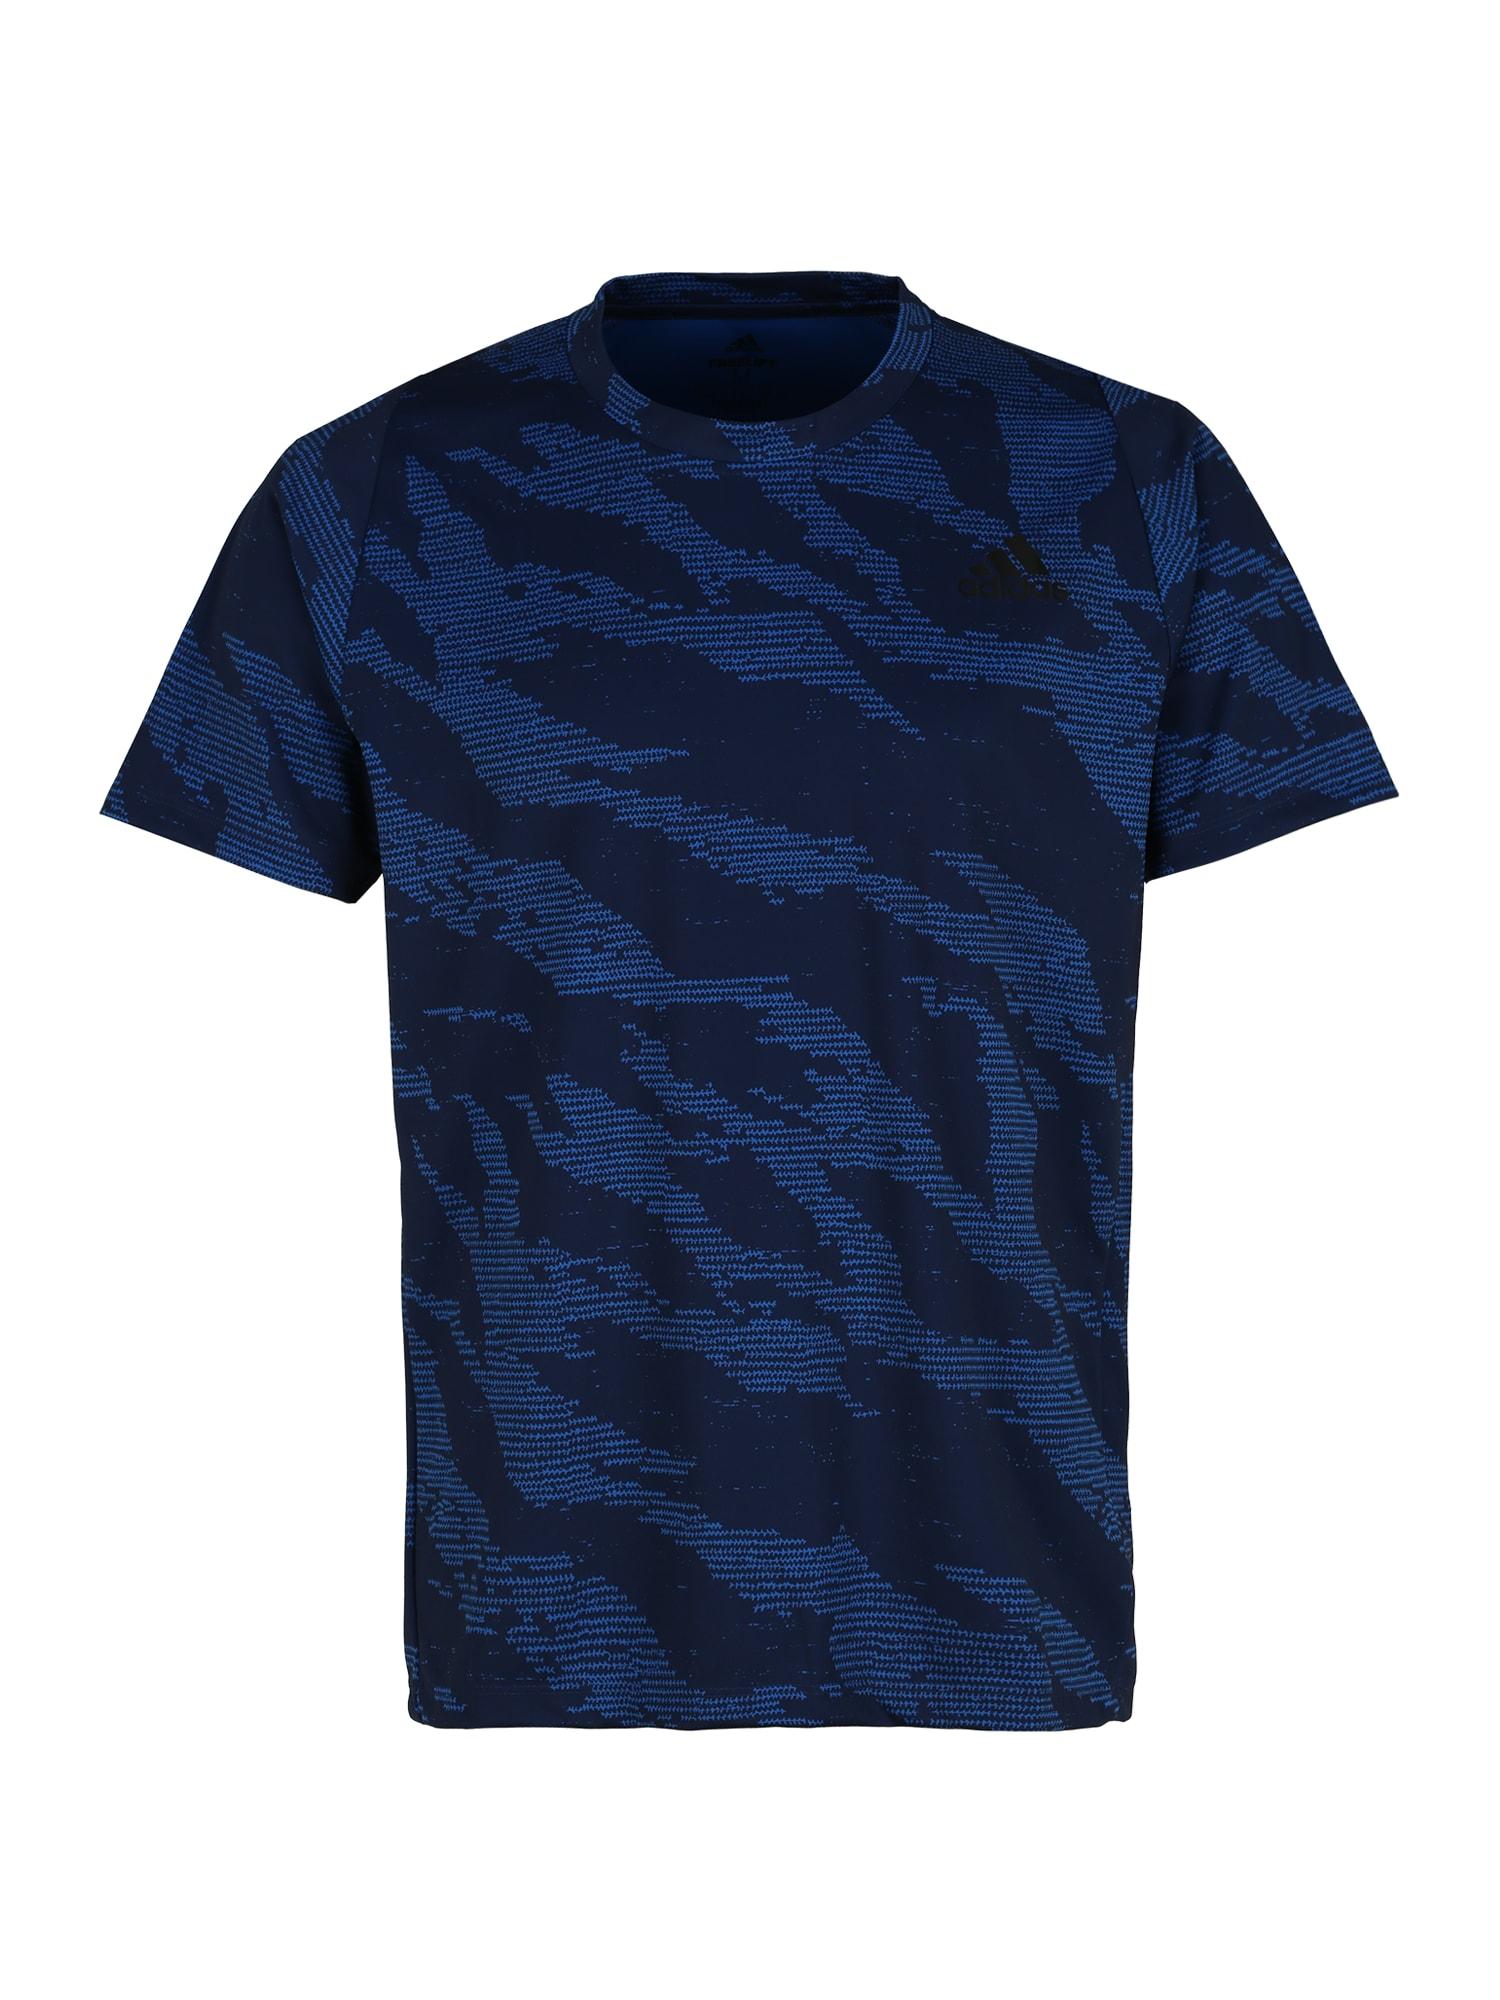 ADIDAS PERFORMANCE Sportiniai marškinėliai 'FL CAMO' mėlyna